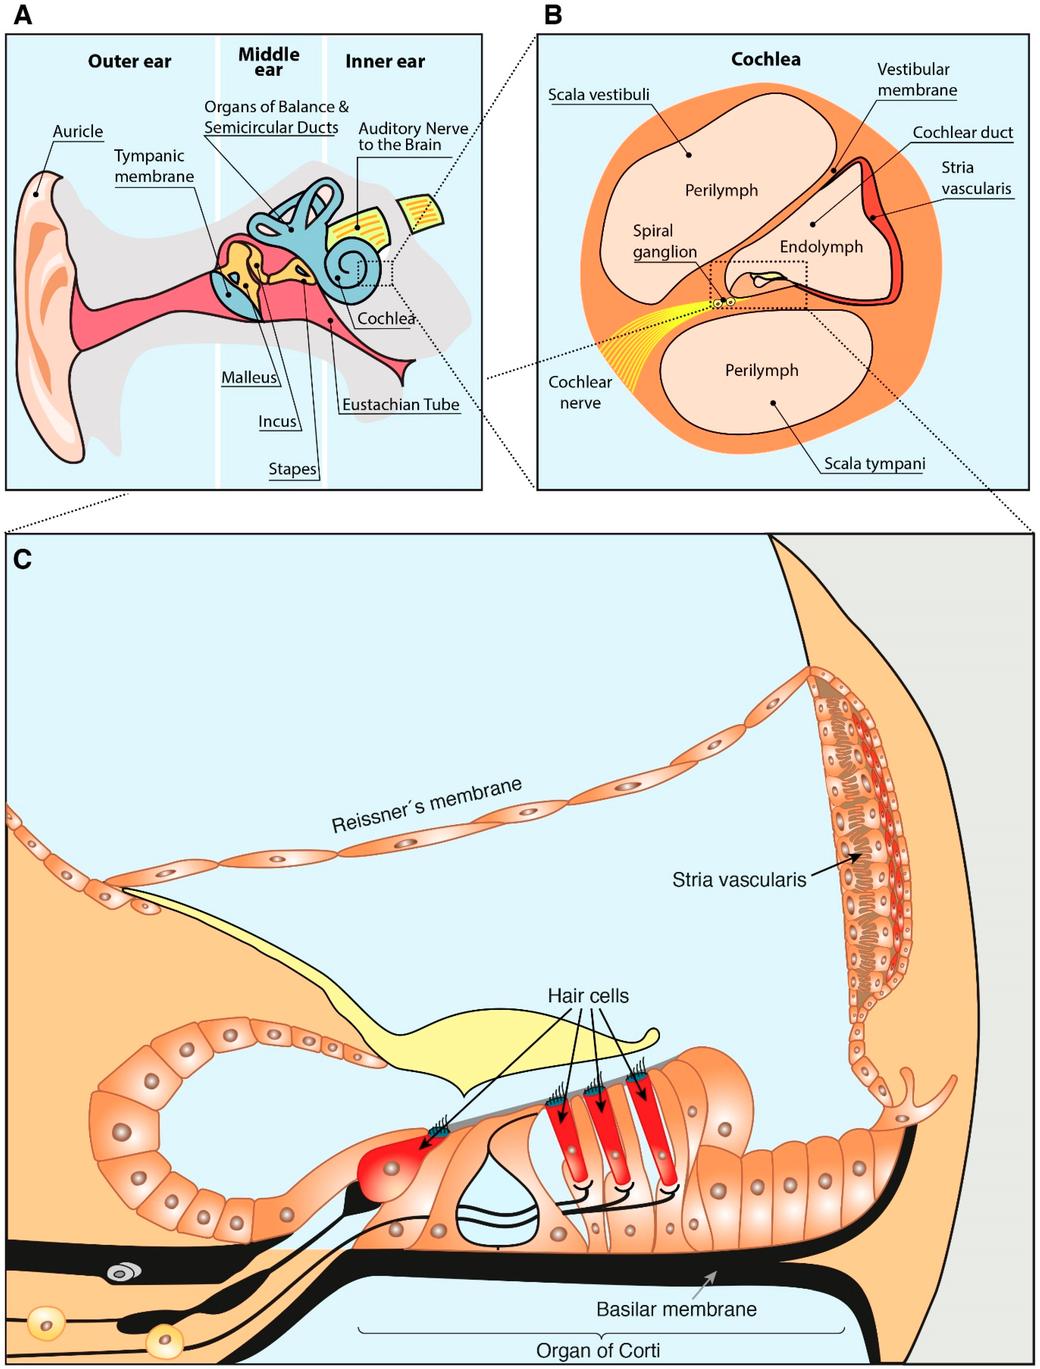 Figura 1. Dibujo esquemático de la anatomía del oído. (A) Compartimientos anatómicos del oído. (B) Cochlea anatomía. (C) Estructura de la escala coclear coclear. Basado en Sánchez-Calderón et al. [25] y Rivera T. et al. [26].